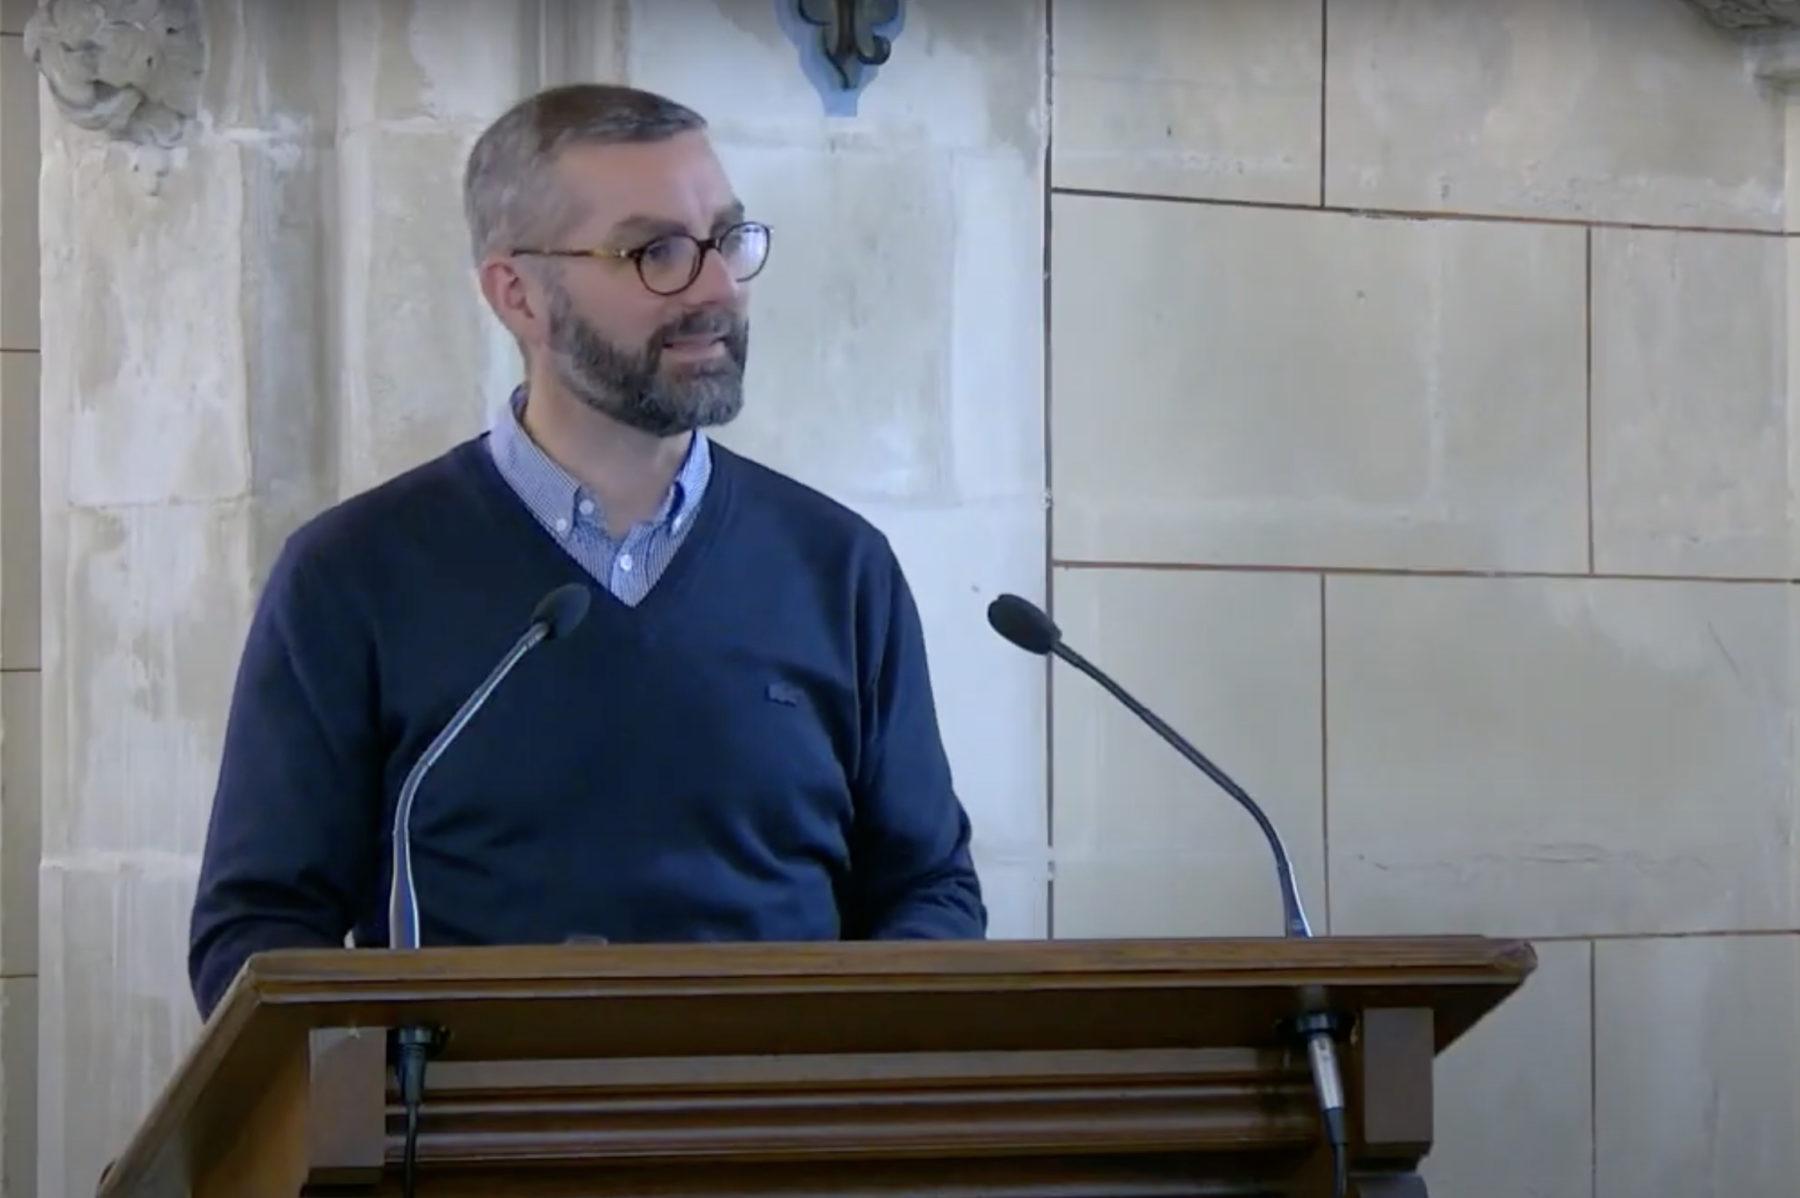 Nicolas Farelly pasteur de l'Eglise évangélique baptiste de Compiègne